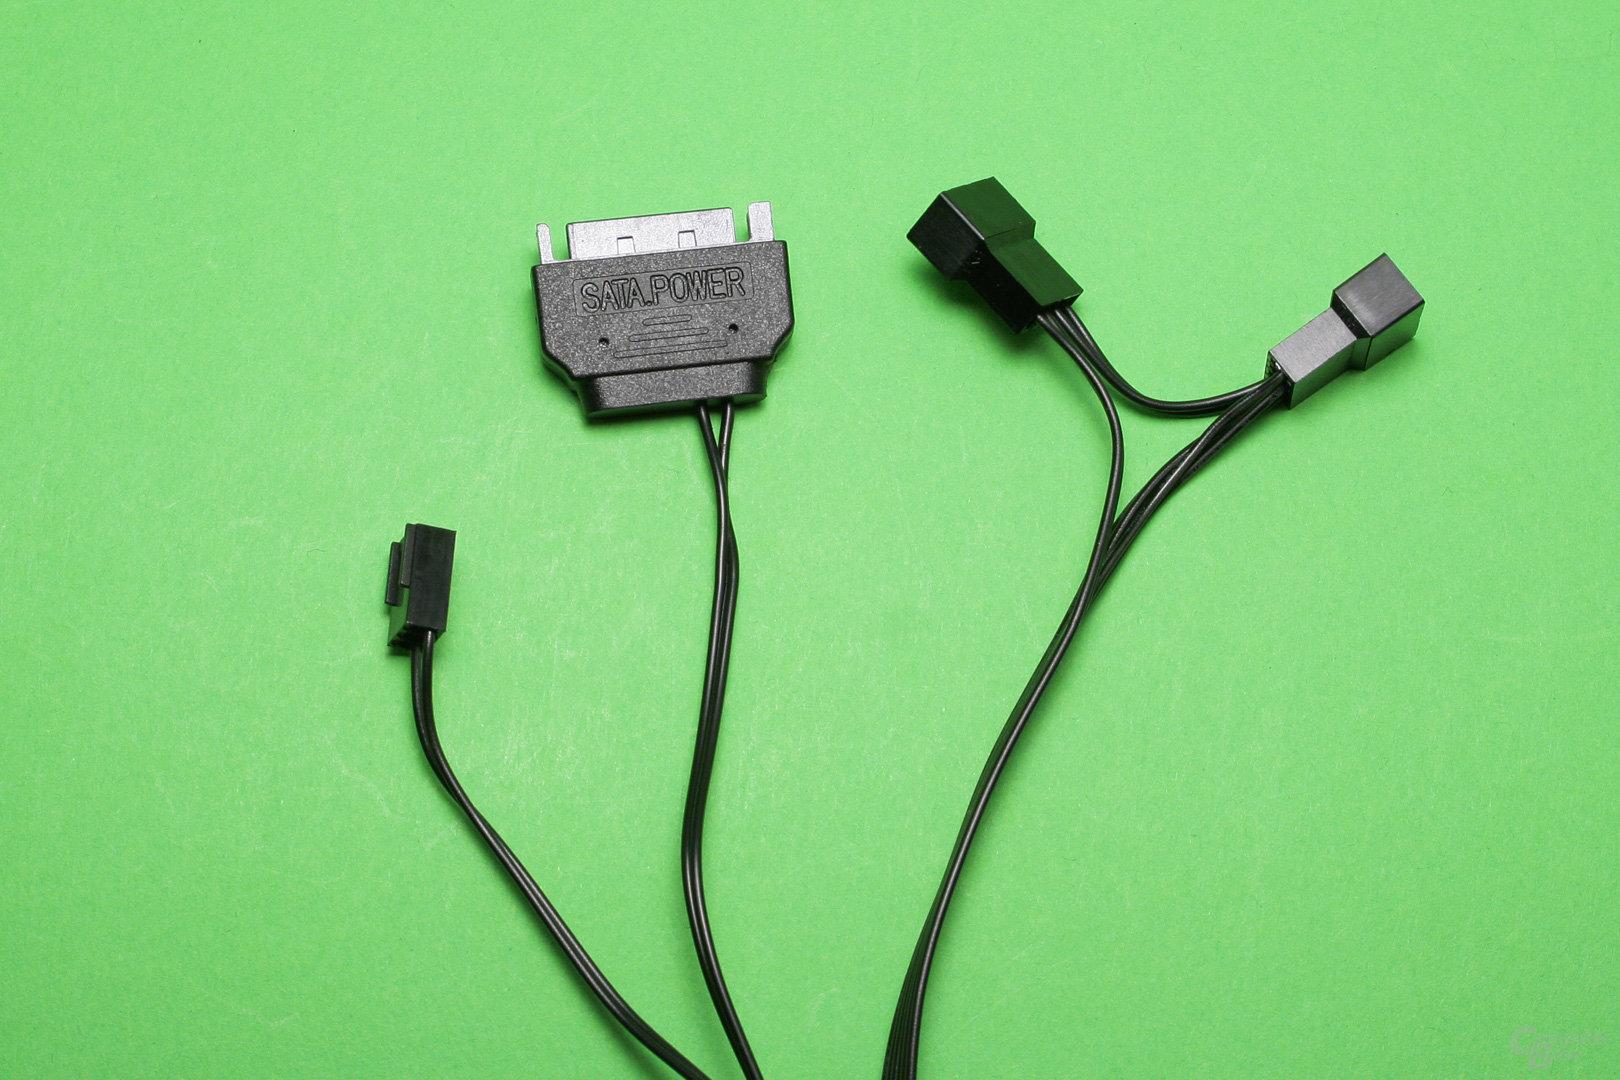 Corsair H115i Pro: Von der Pumpe abgehende Kabel